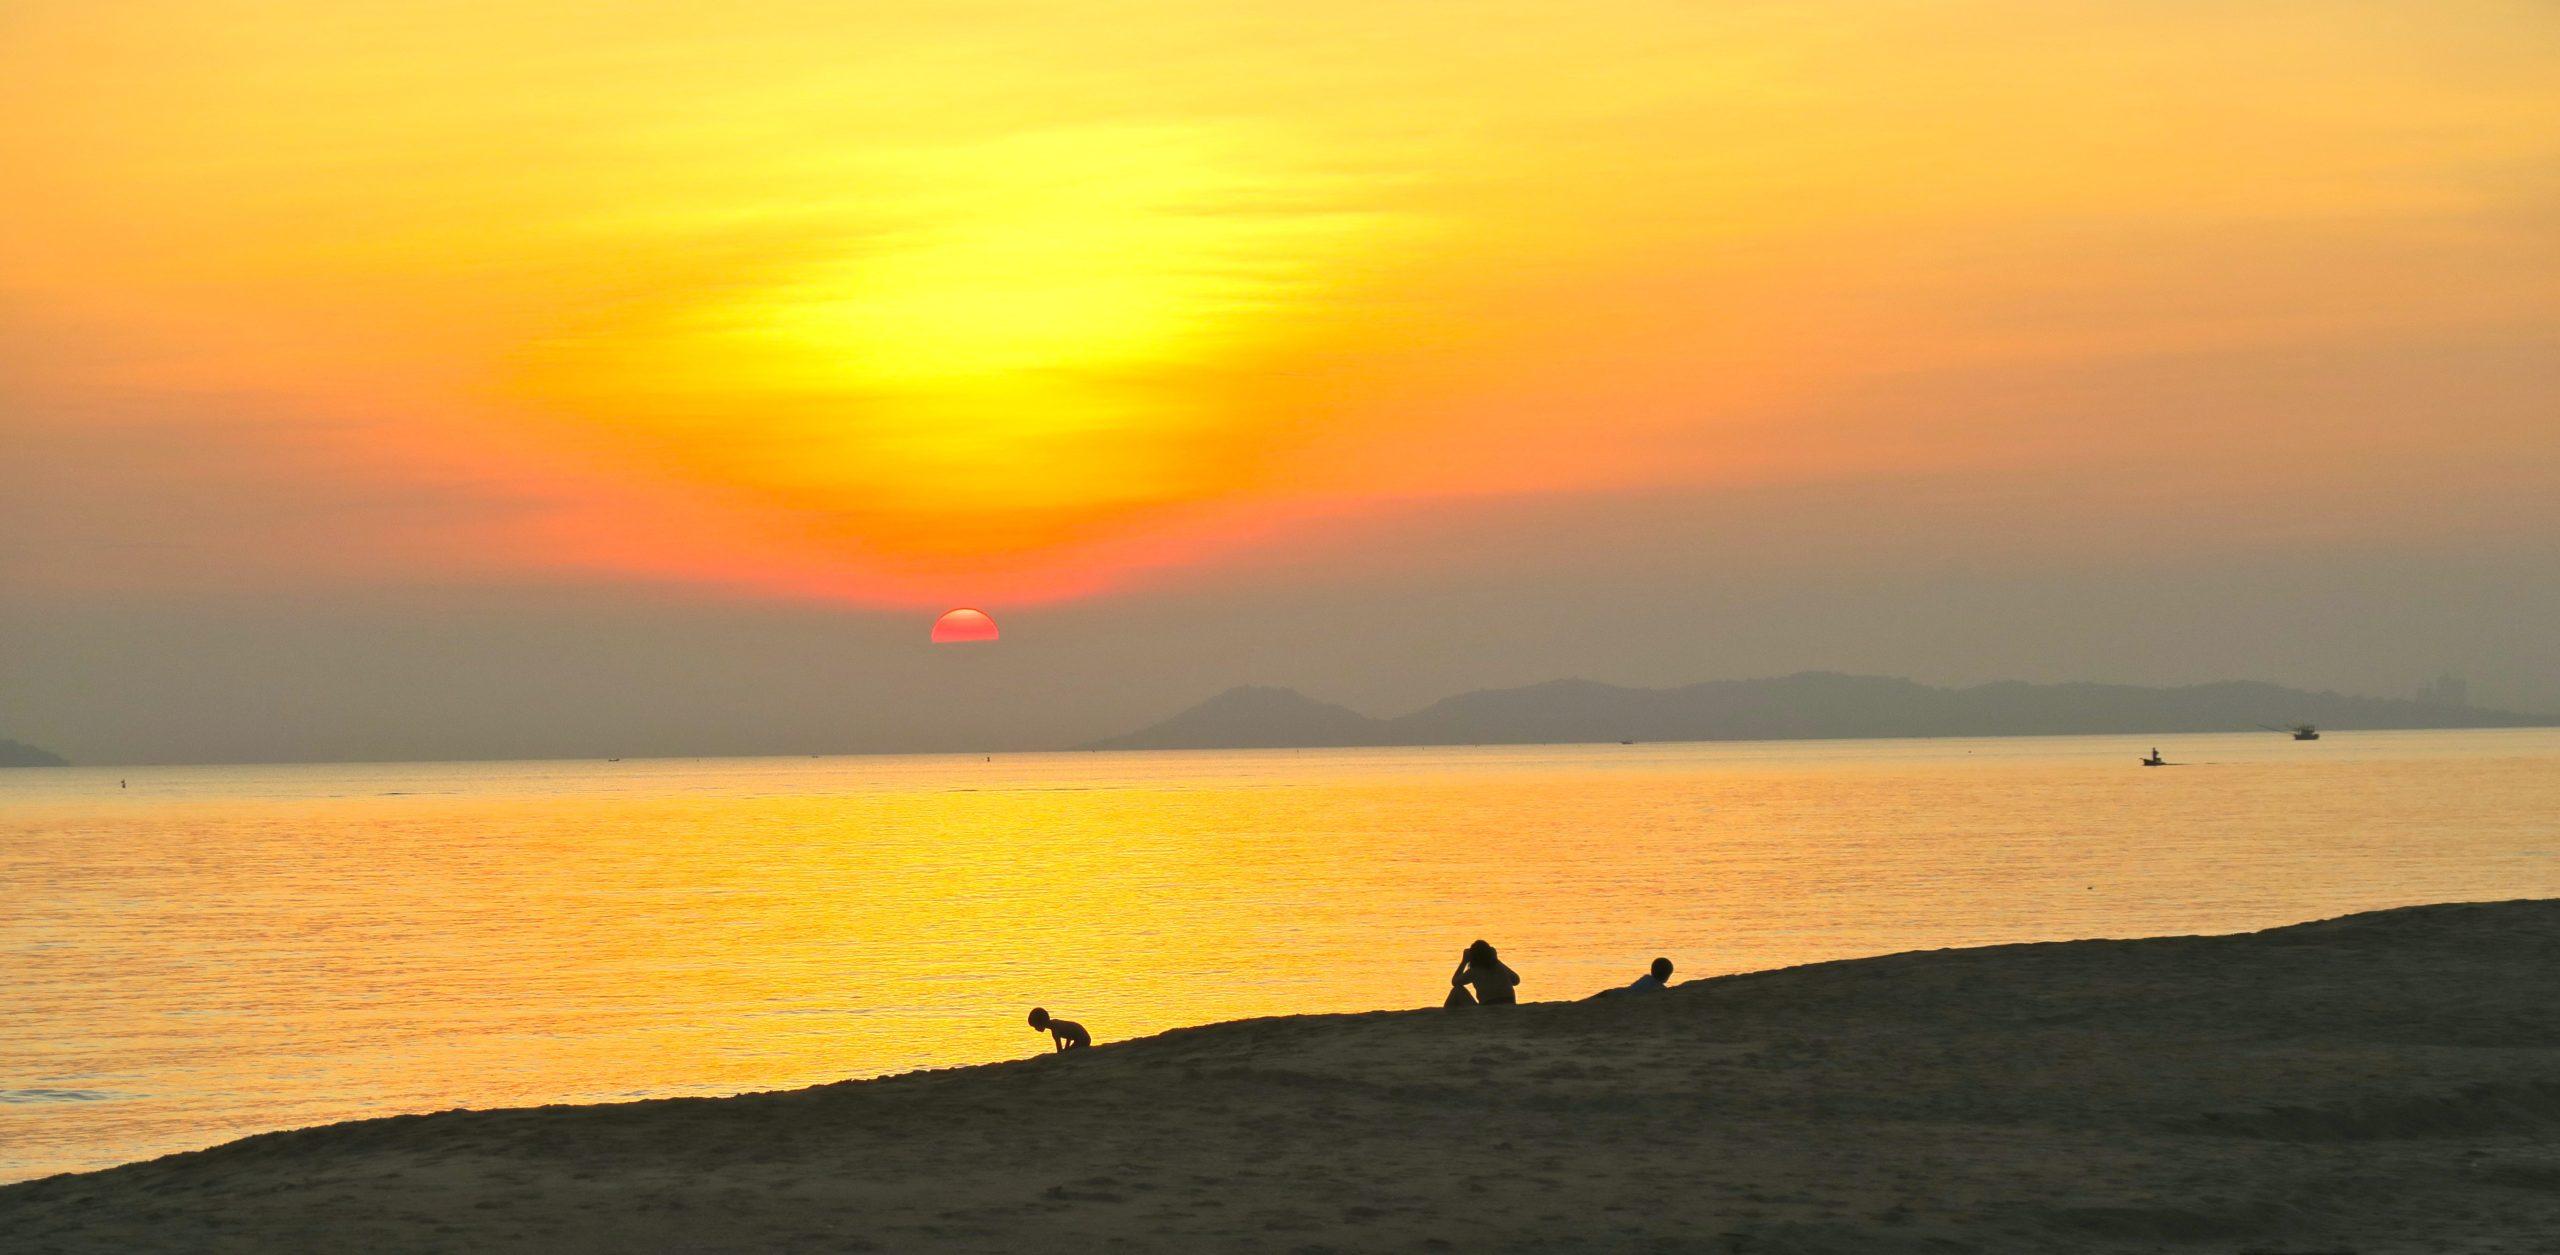 Thailand. Chackapong beach. Under bar himmel